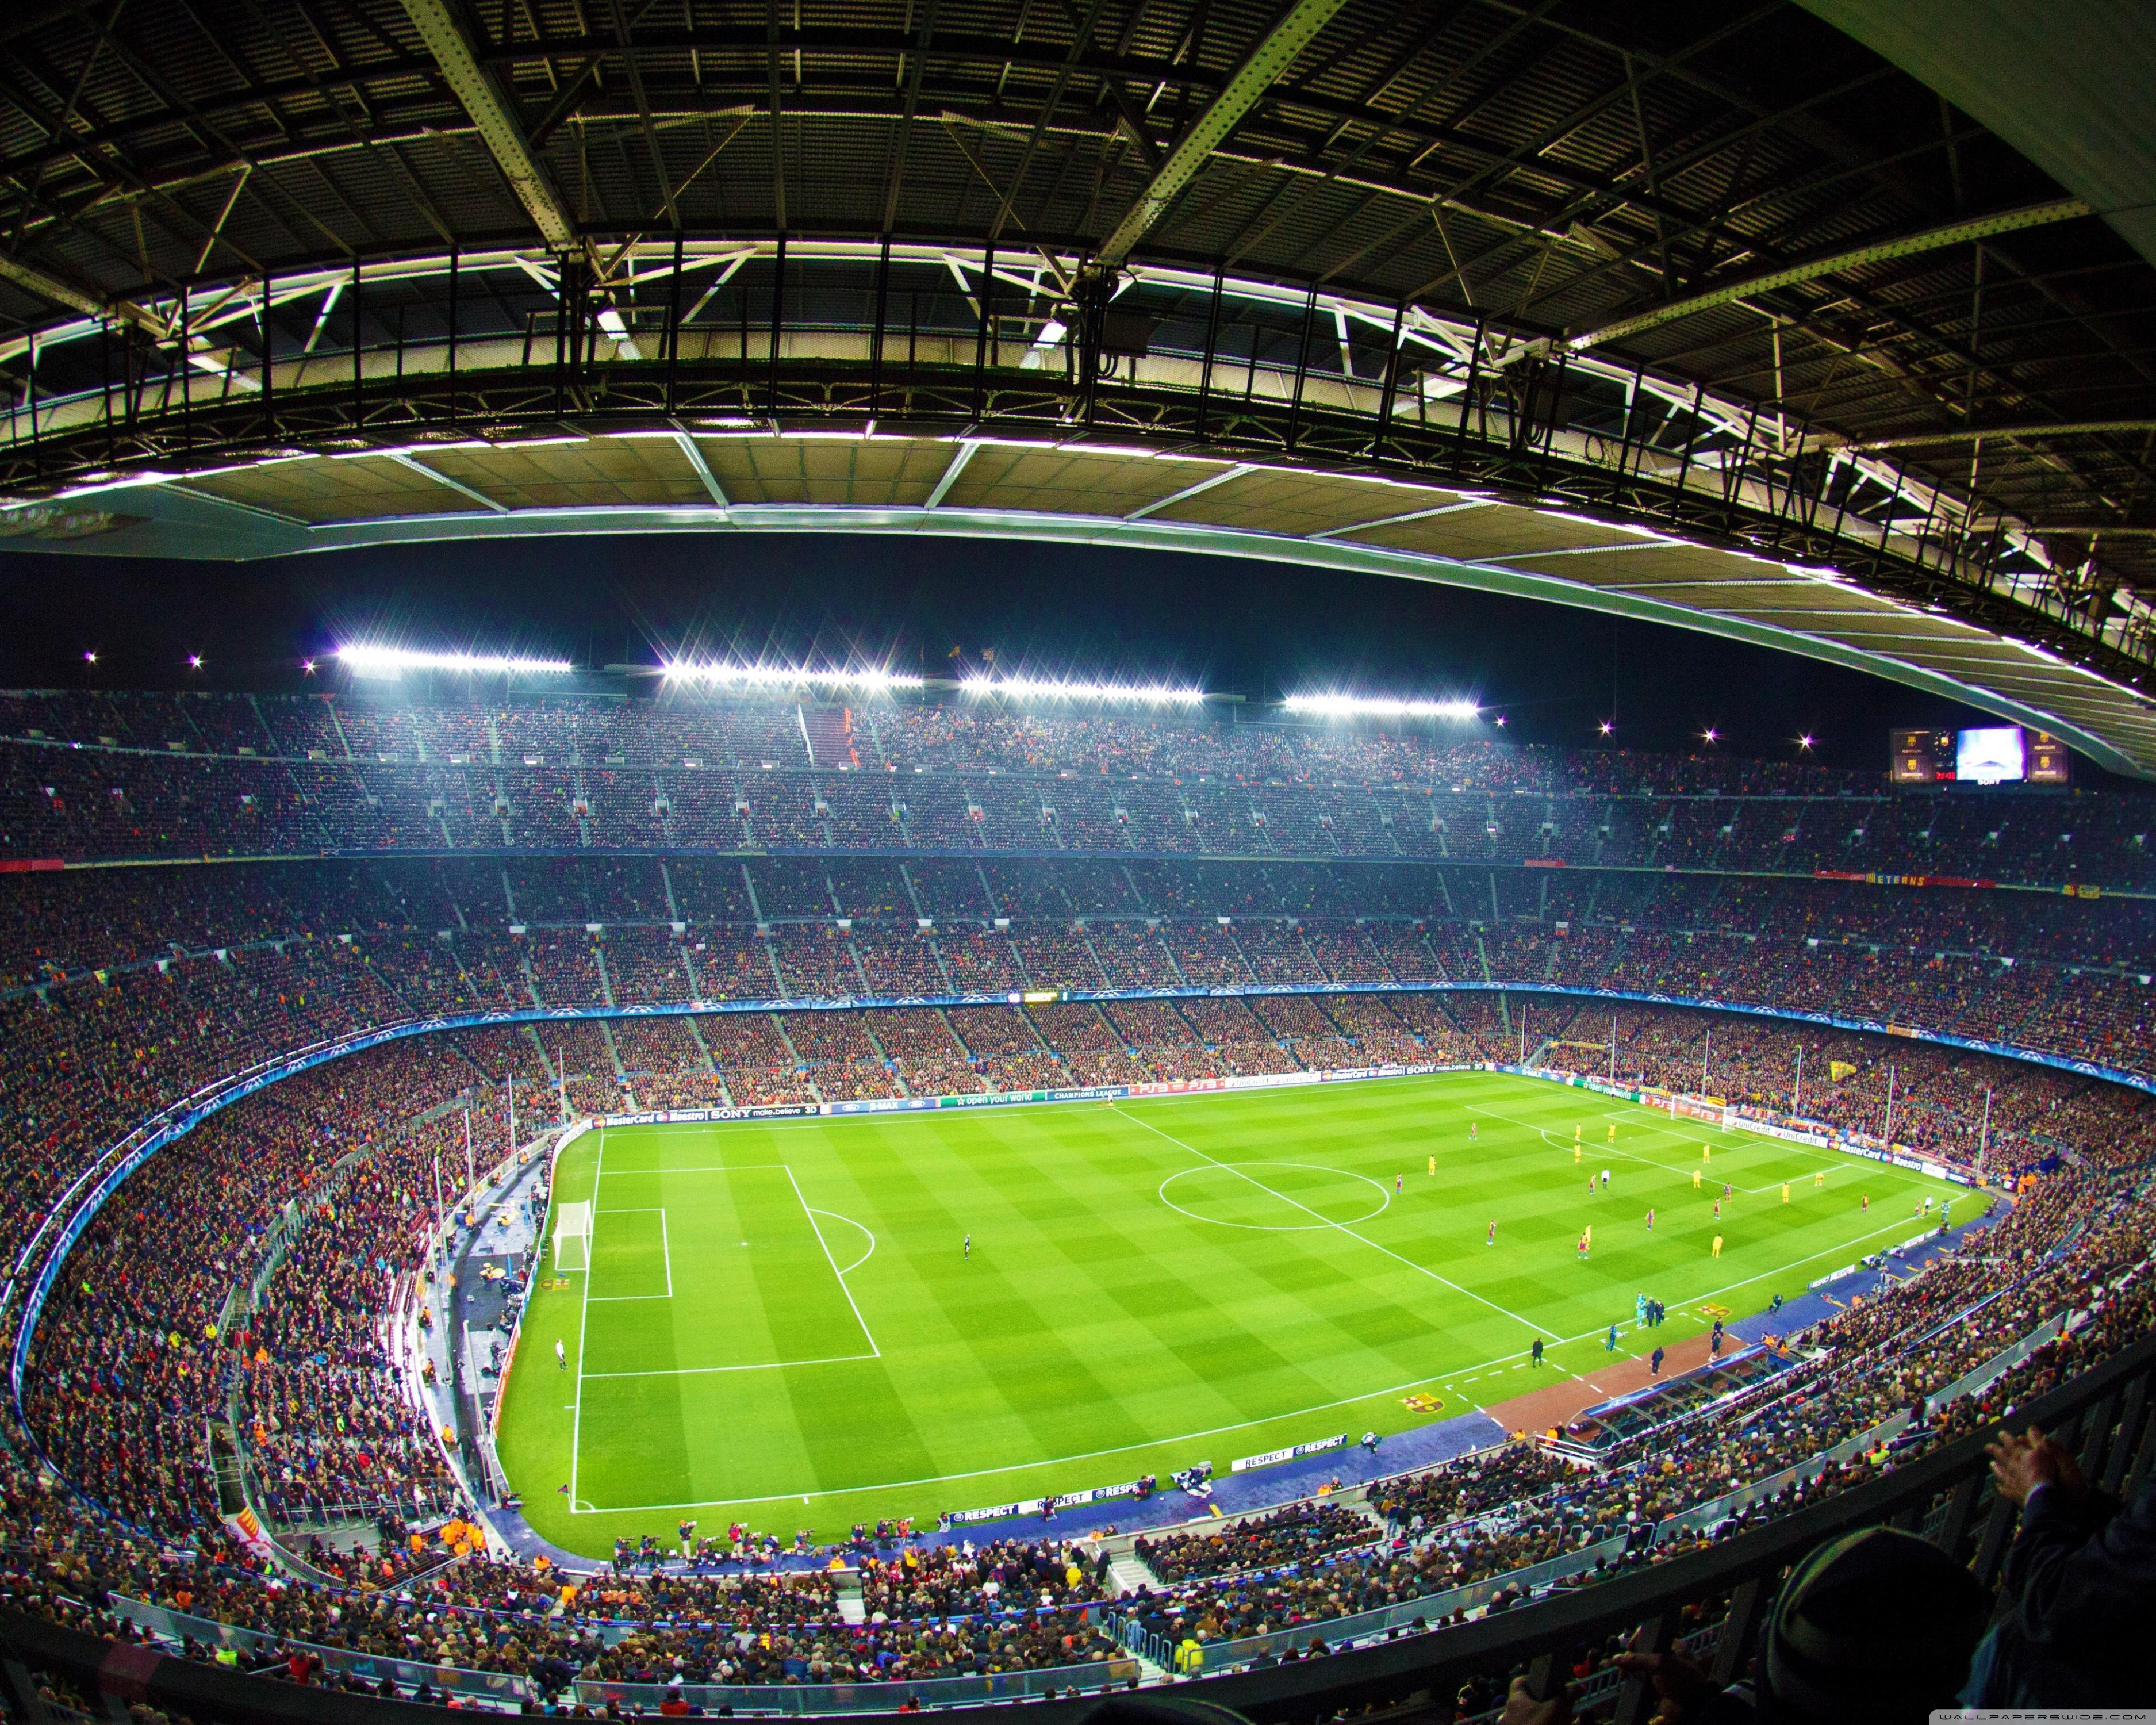 4k ultra hd soccer wallpapers top free 4k ultra hd soccer backgrounds wallpaperaccess - Soccer stadium hd ...